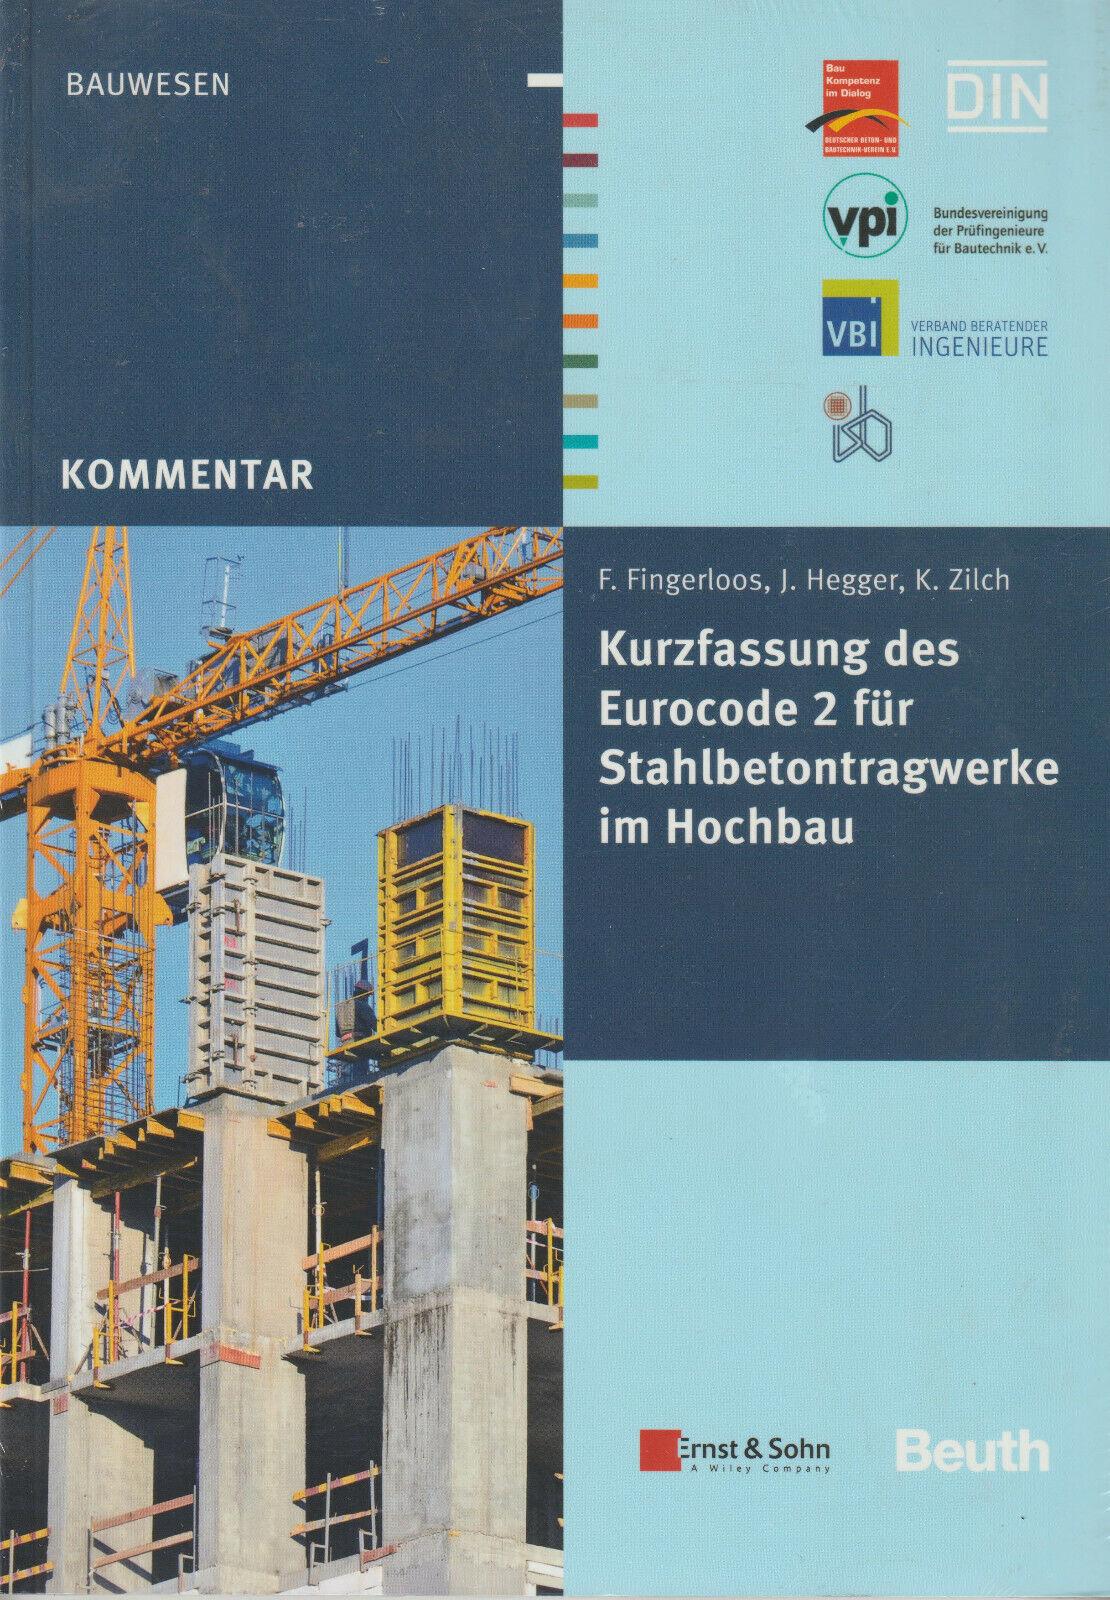 Kurzfassung des Eurocode 2 für Stahlbetontragwerke im Hochbau - F. Fingerloos u. a.